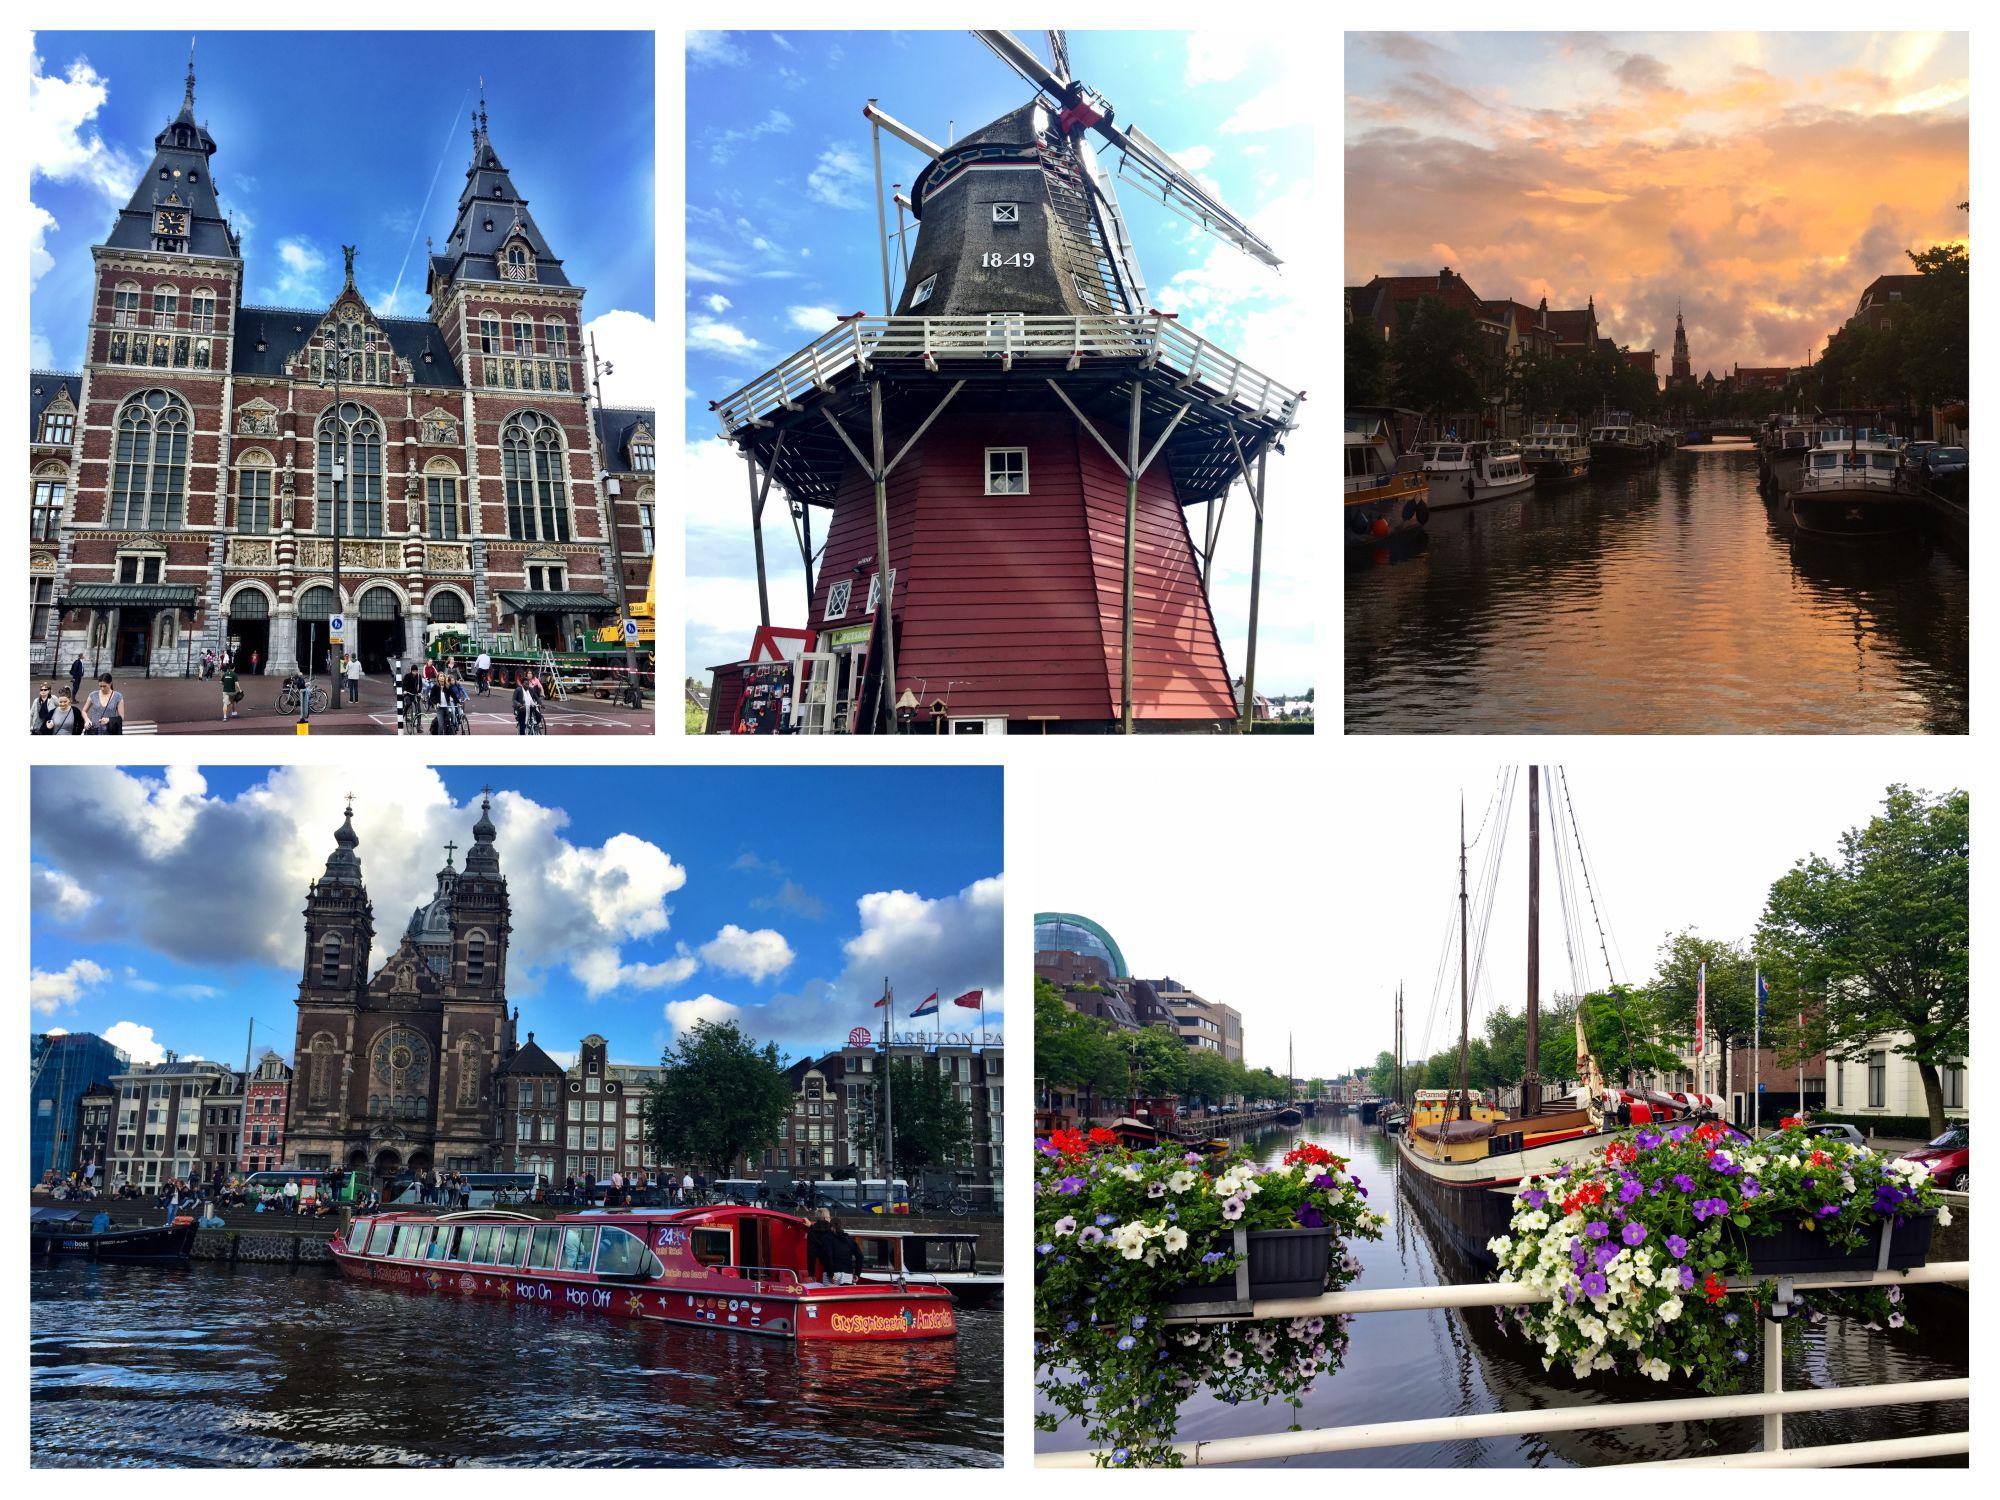 Reiseberichte aus Niederlanden